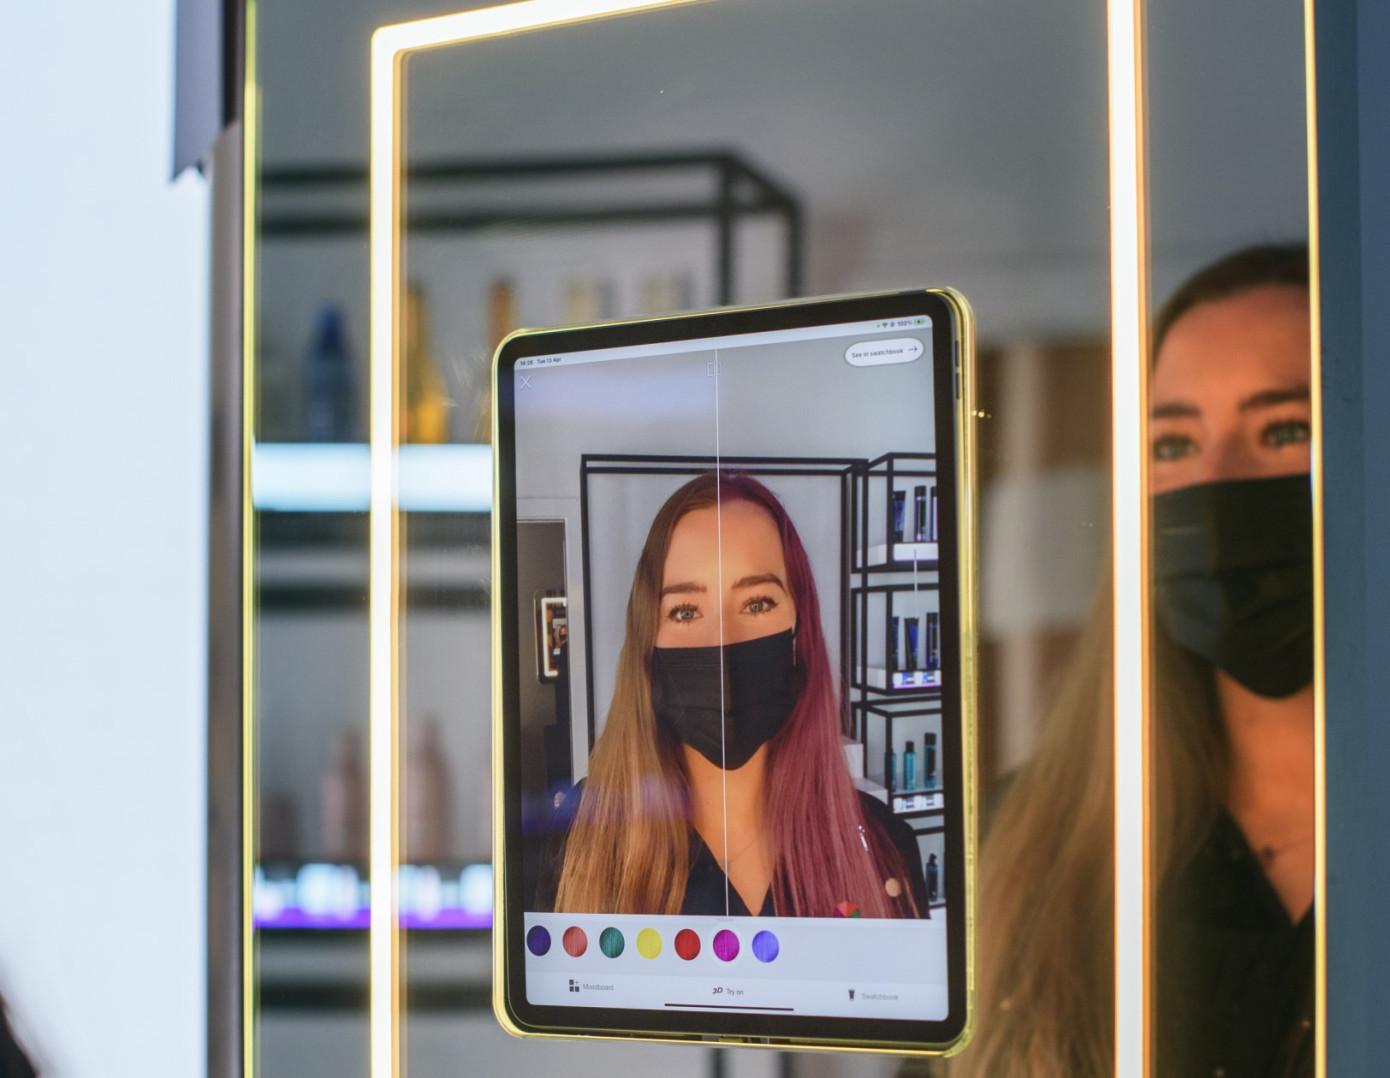 亚马逊在伦敦开设美发沙龙,将利用AR技术为客户提供服务